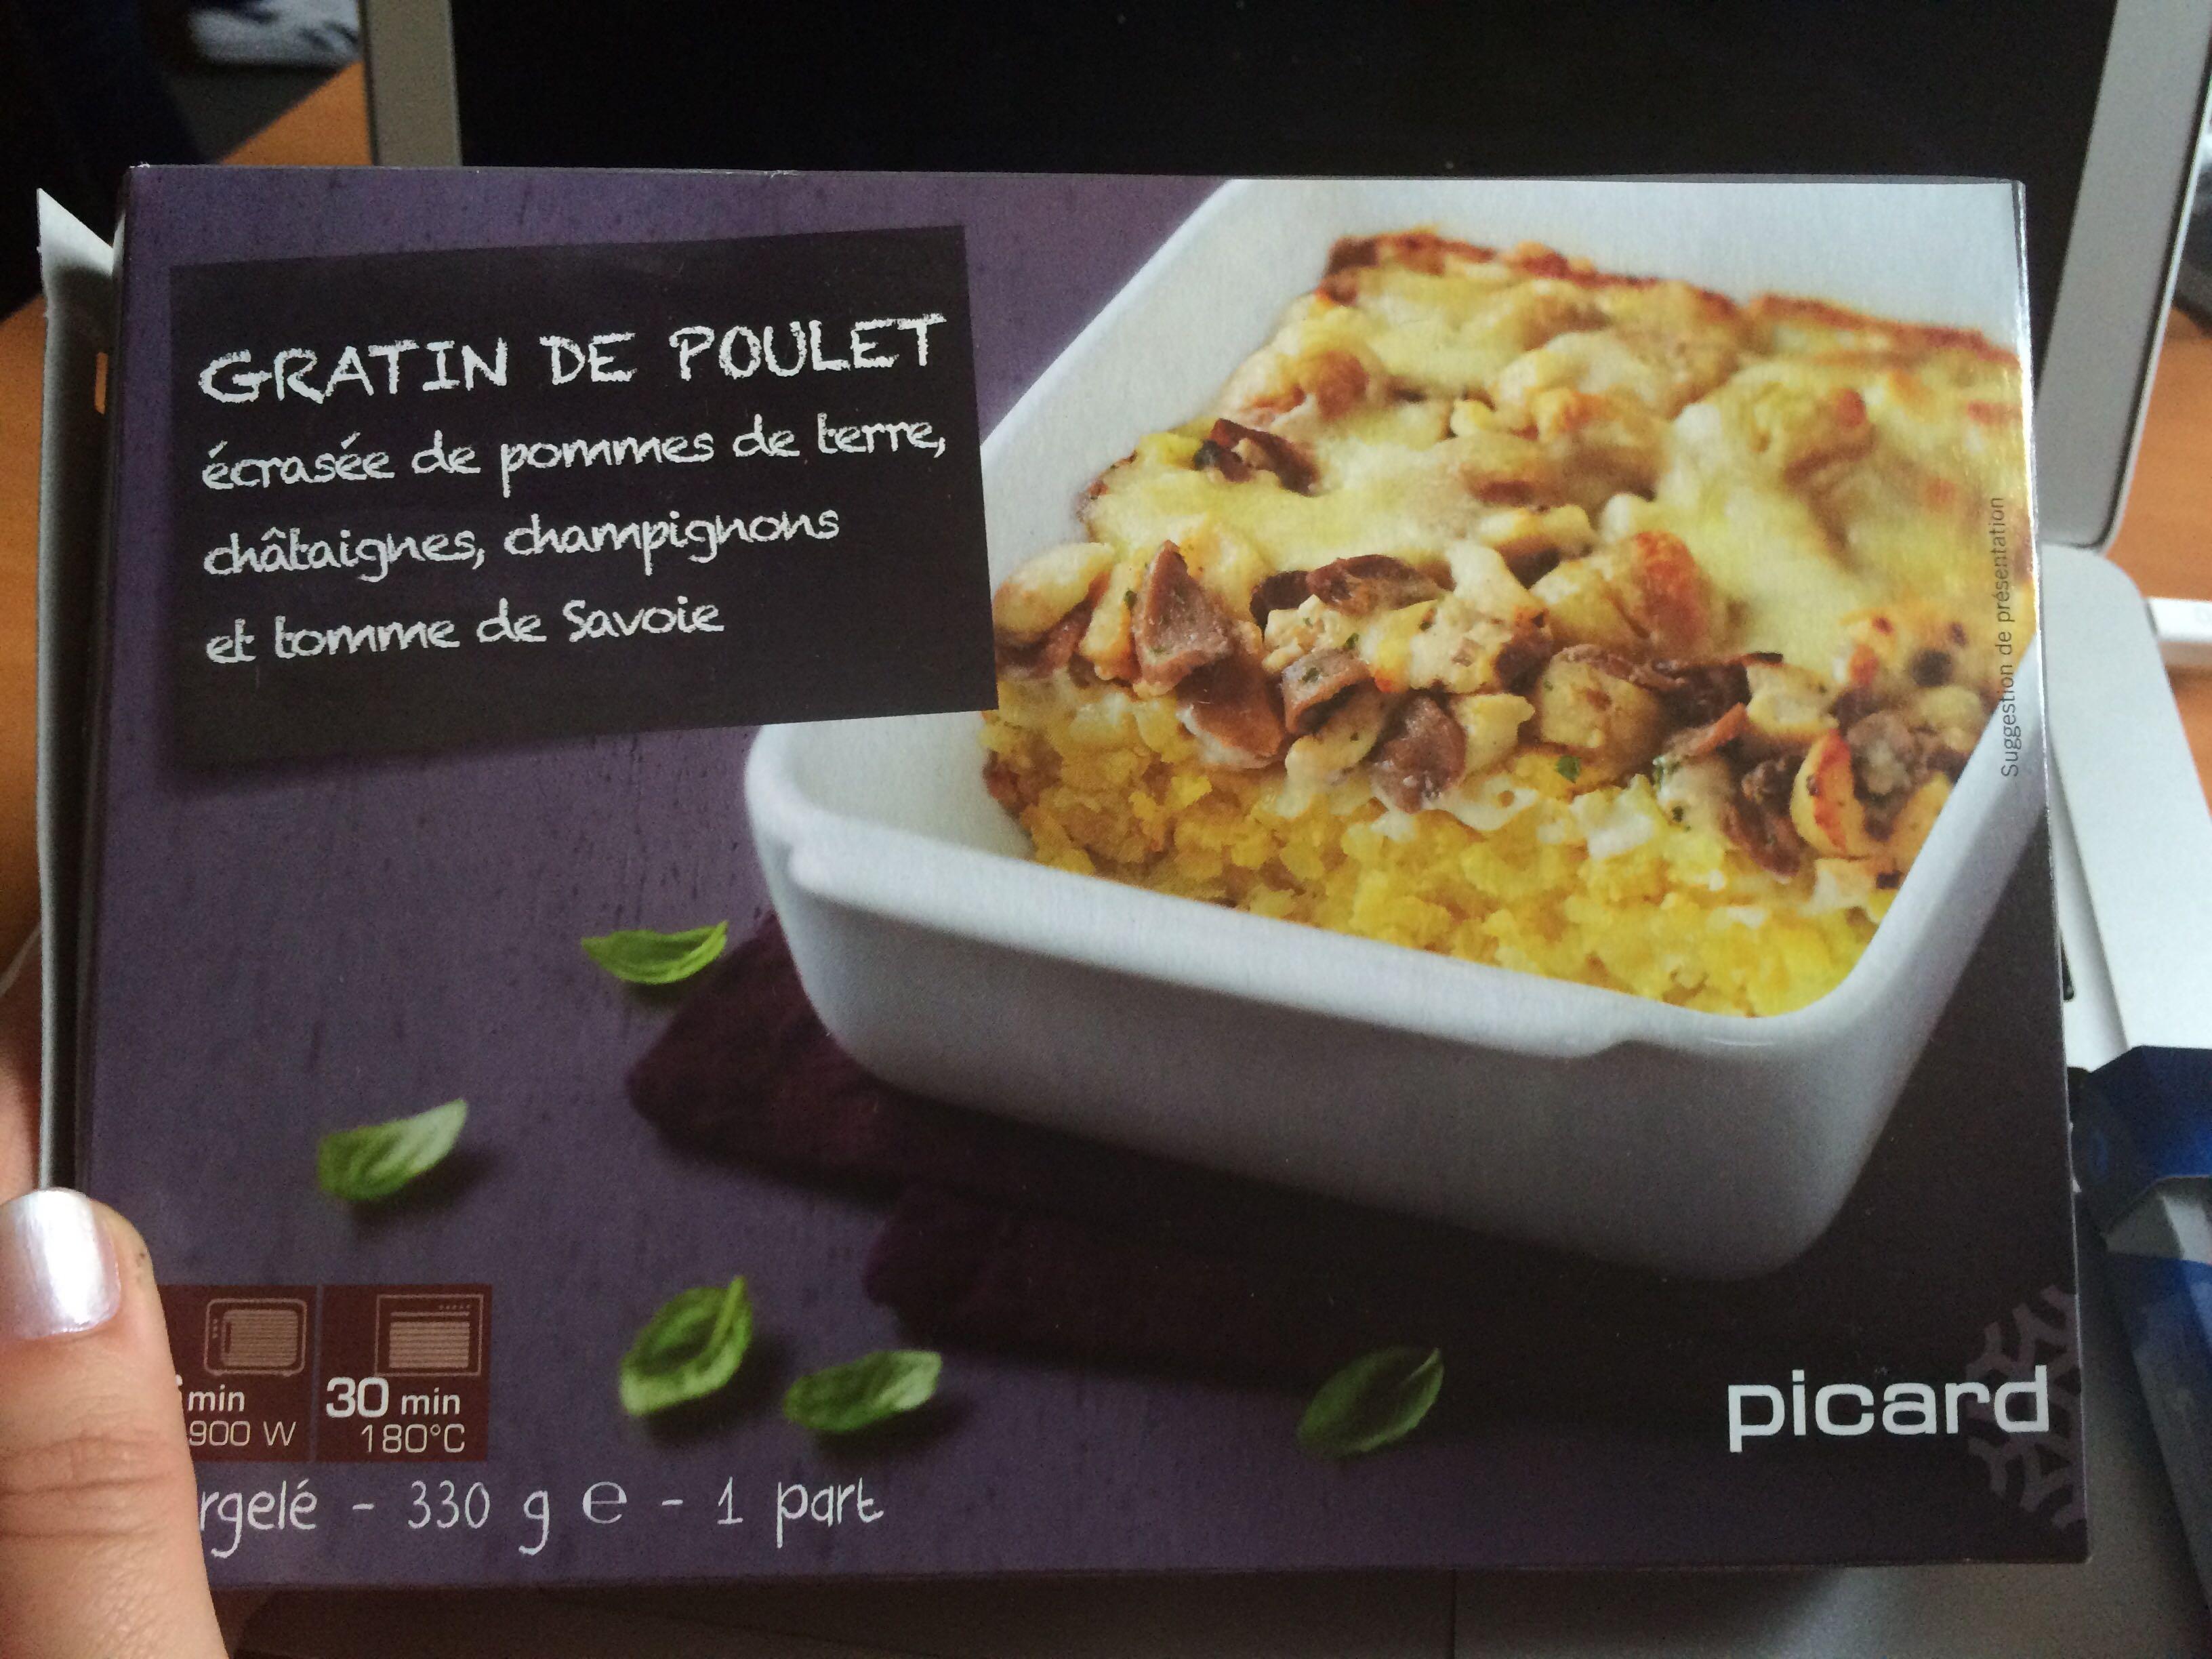 Gratin De Poulet Ecrasee De Pommes De Terre Chataignes